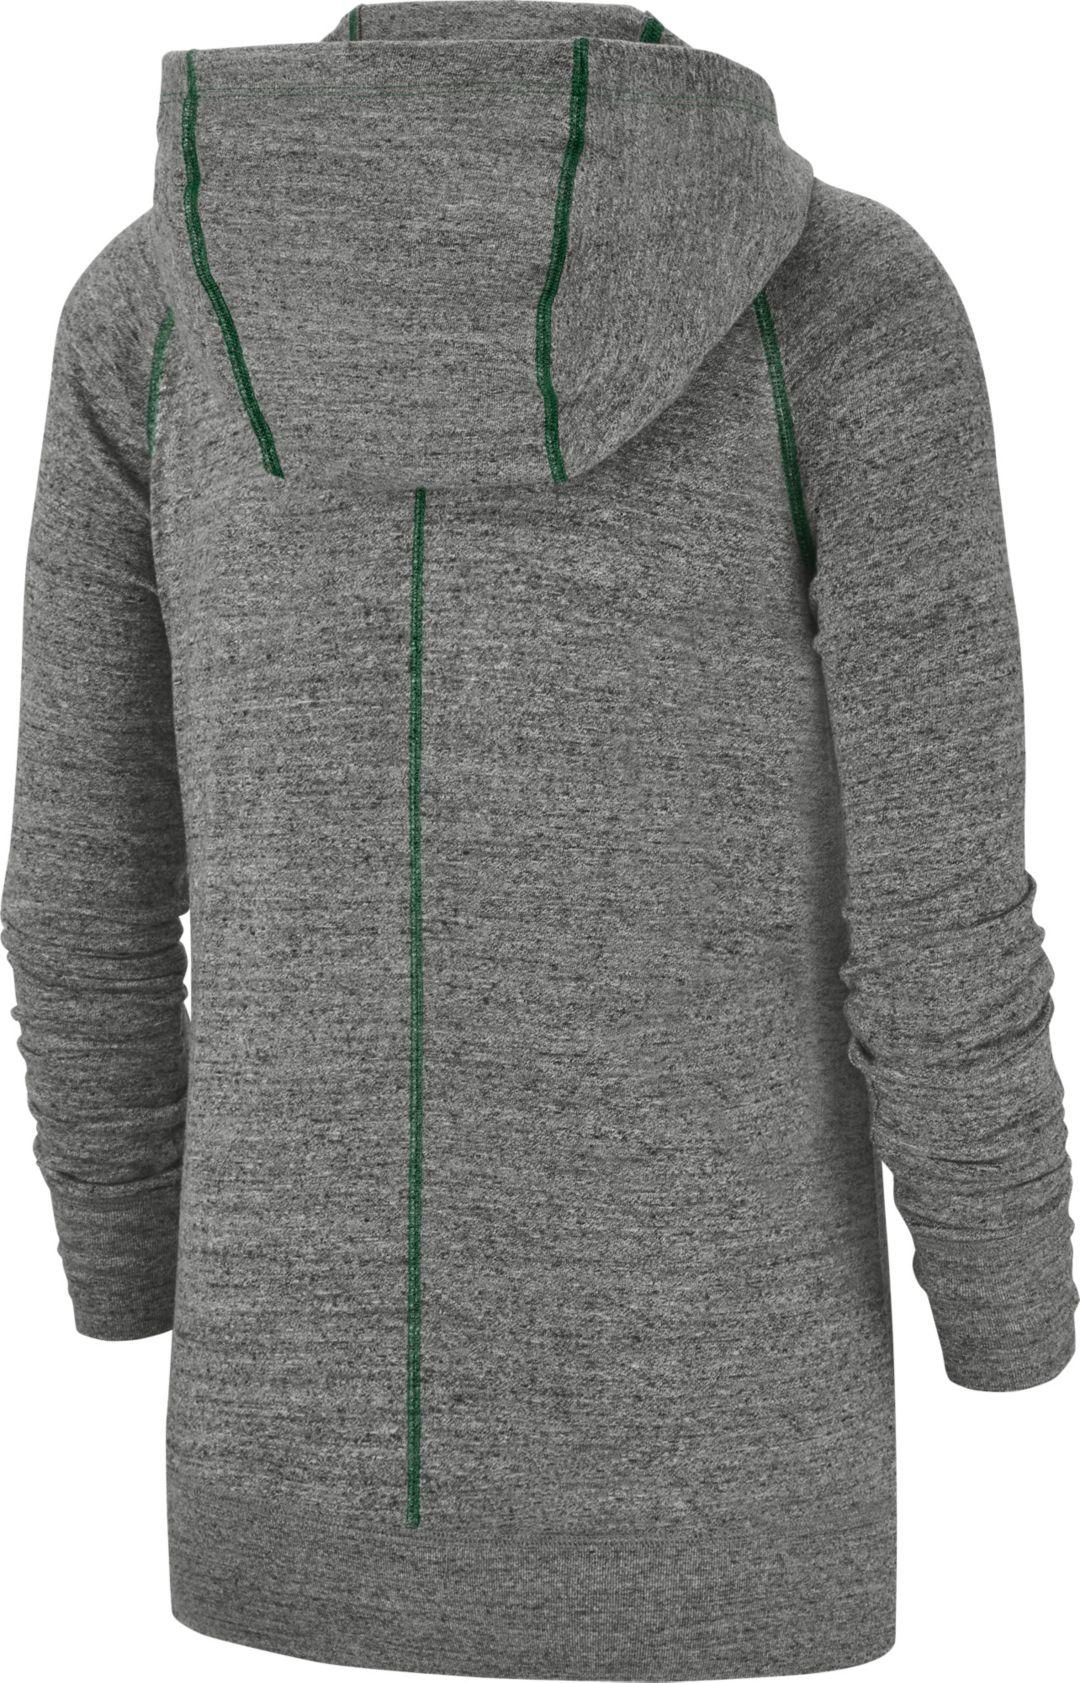 reputable site b50b0 929af Nike Women's New York Jets Vintage Grey Full-Zip Hoodie